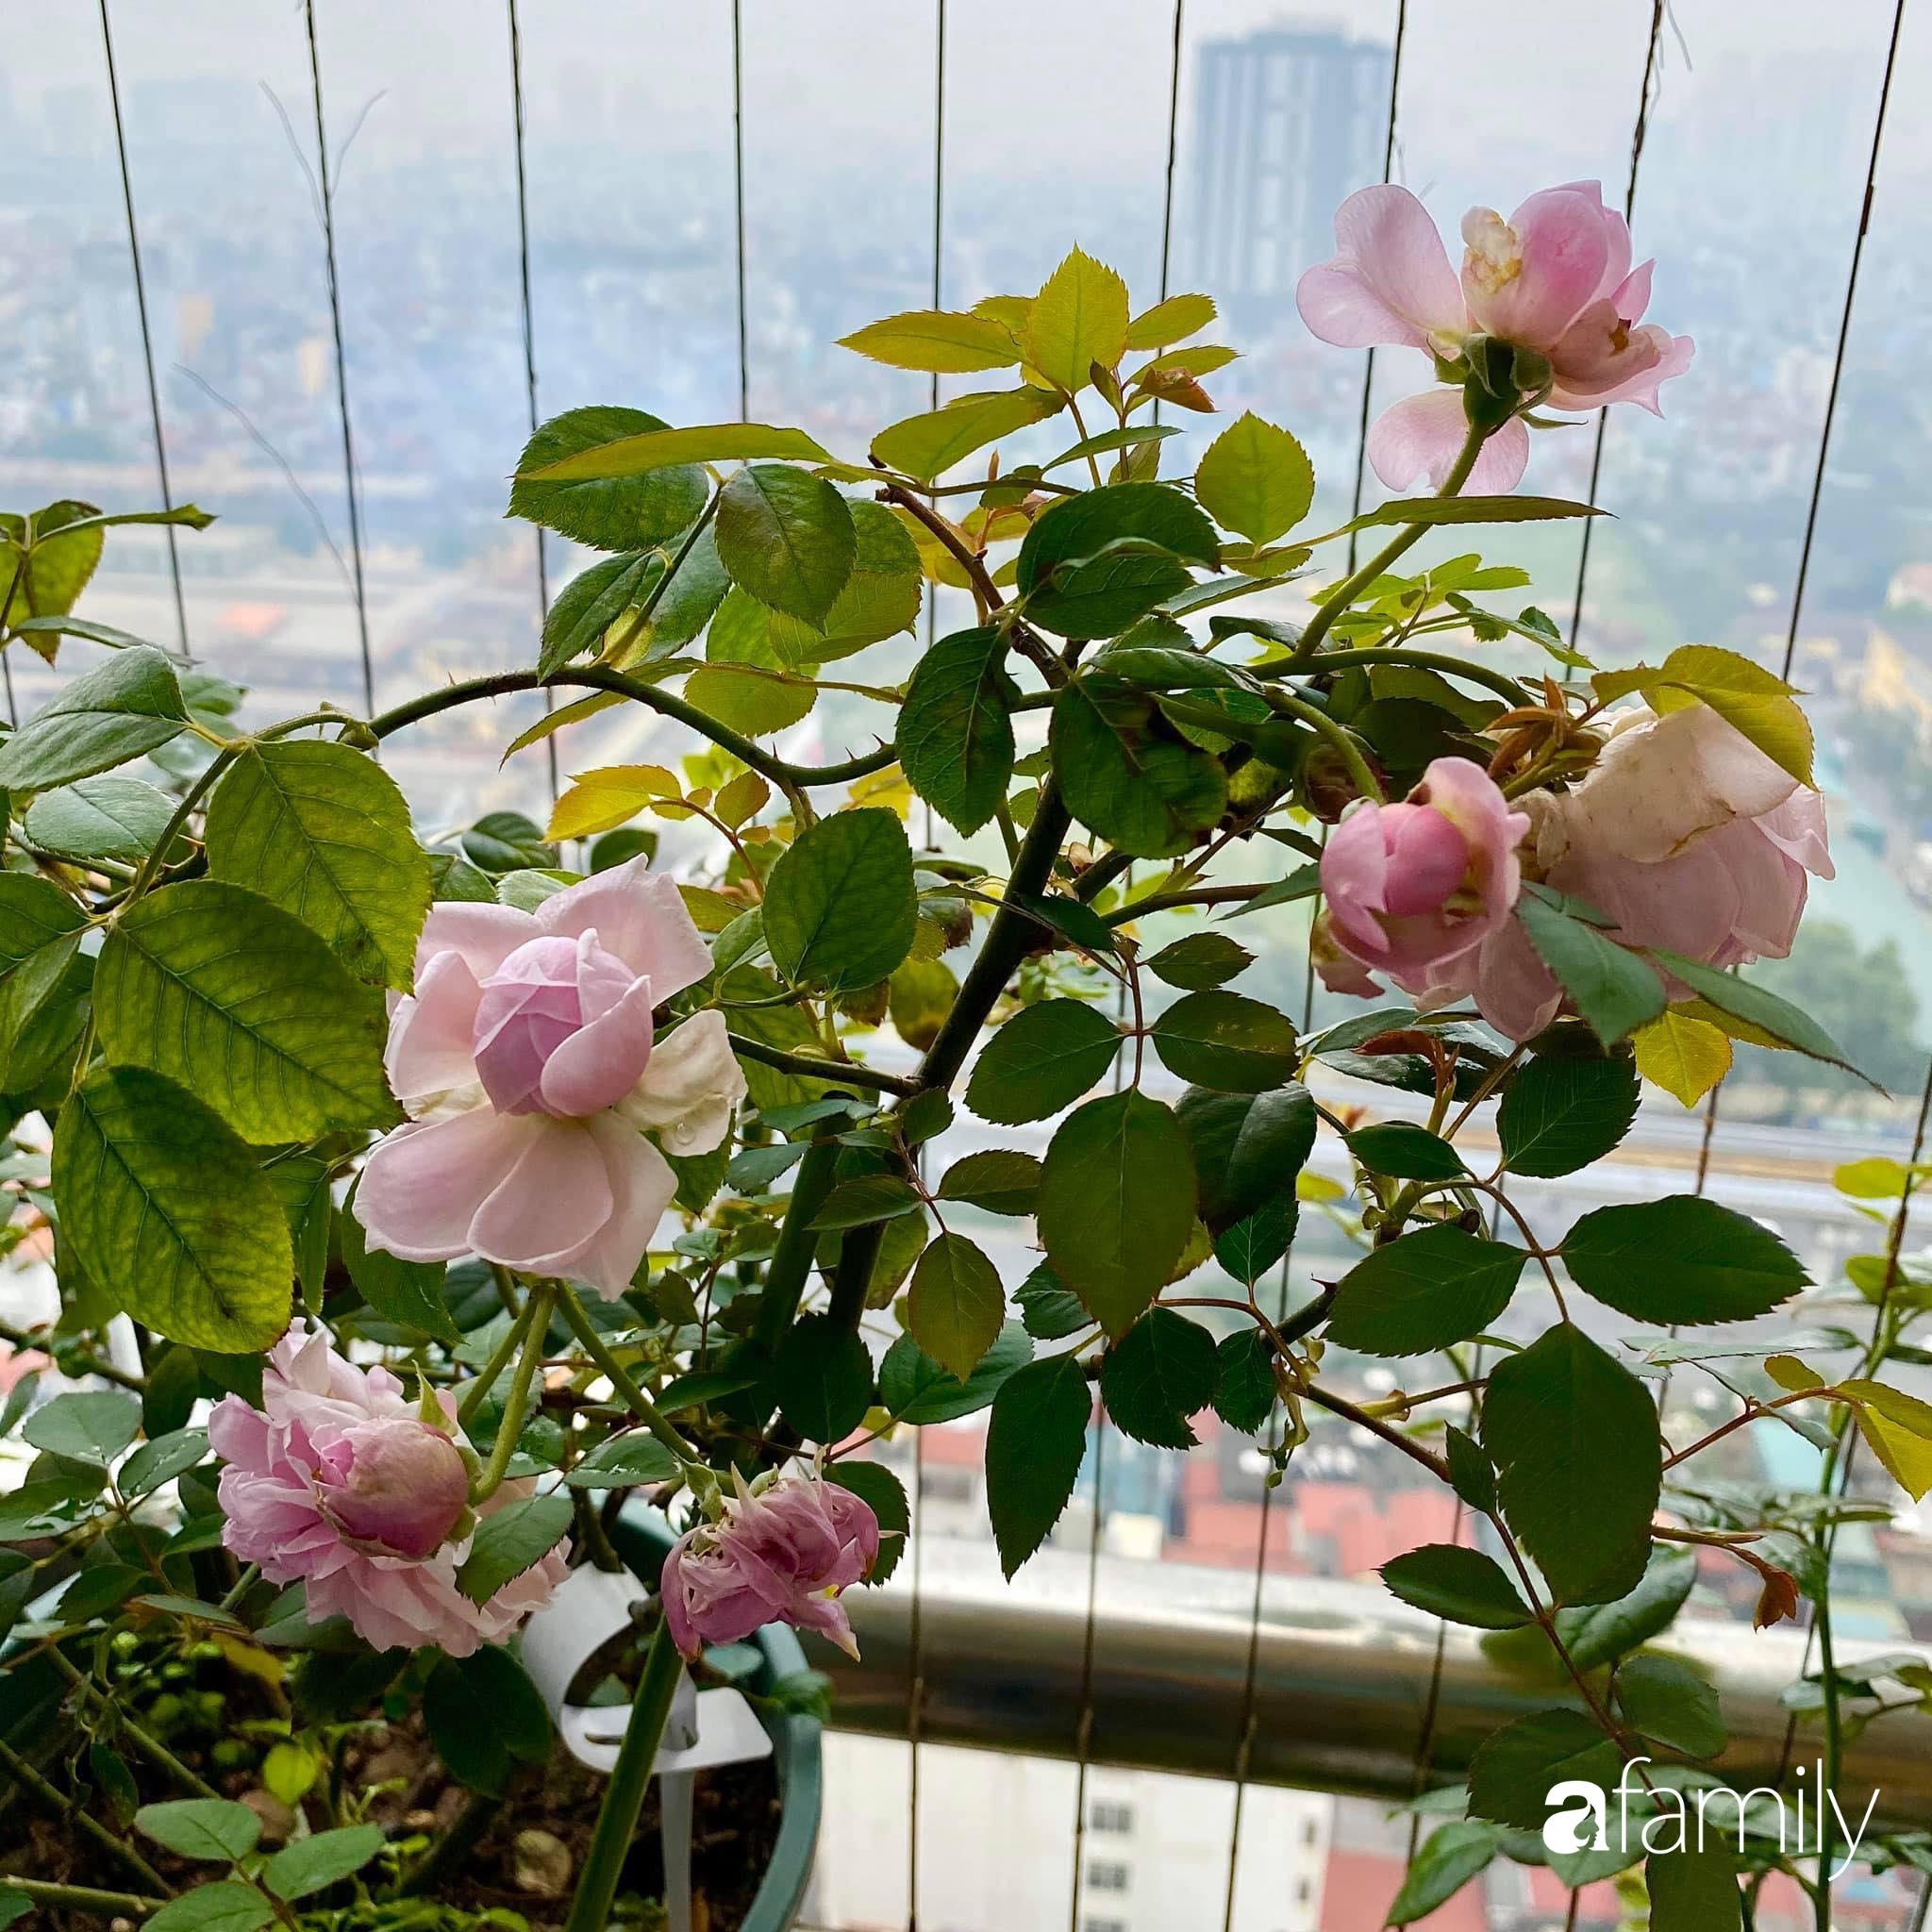 Mẹo hay của mẹ trẻ Hà Nội giúp bạn tự mua phụ kiện tạo vườn hồng đẹp mê ly ở ban công - Ảnh 2.